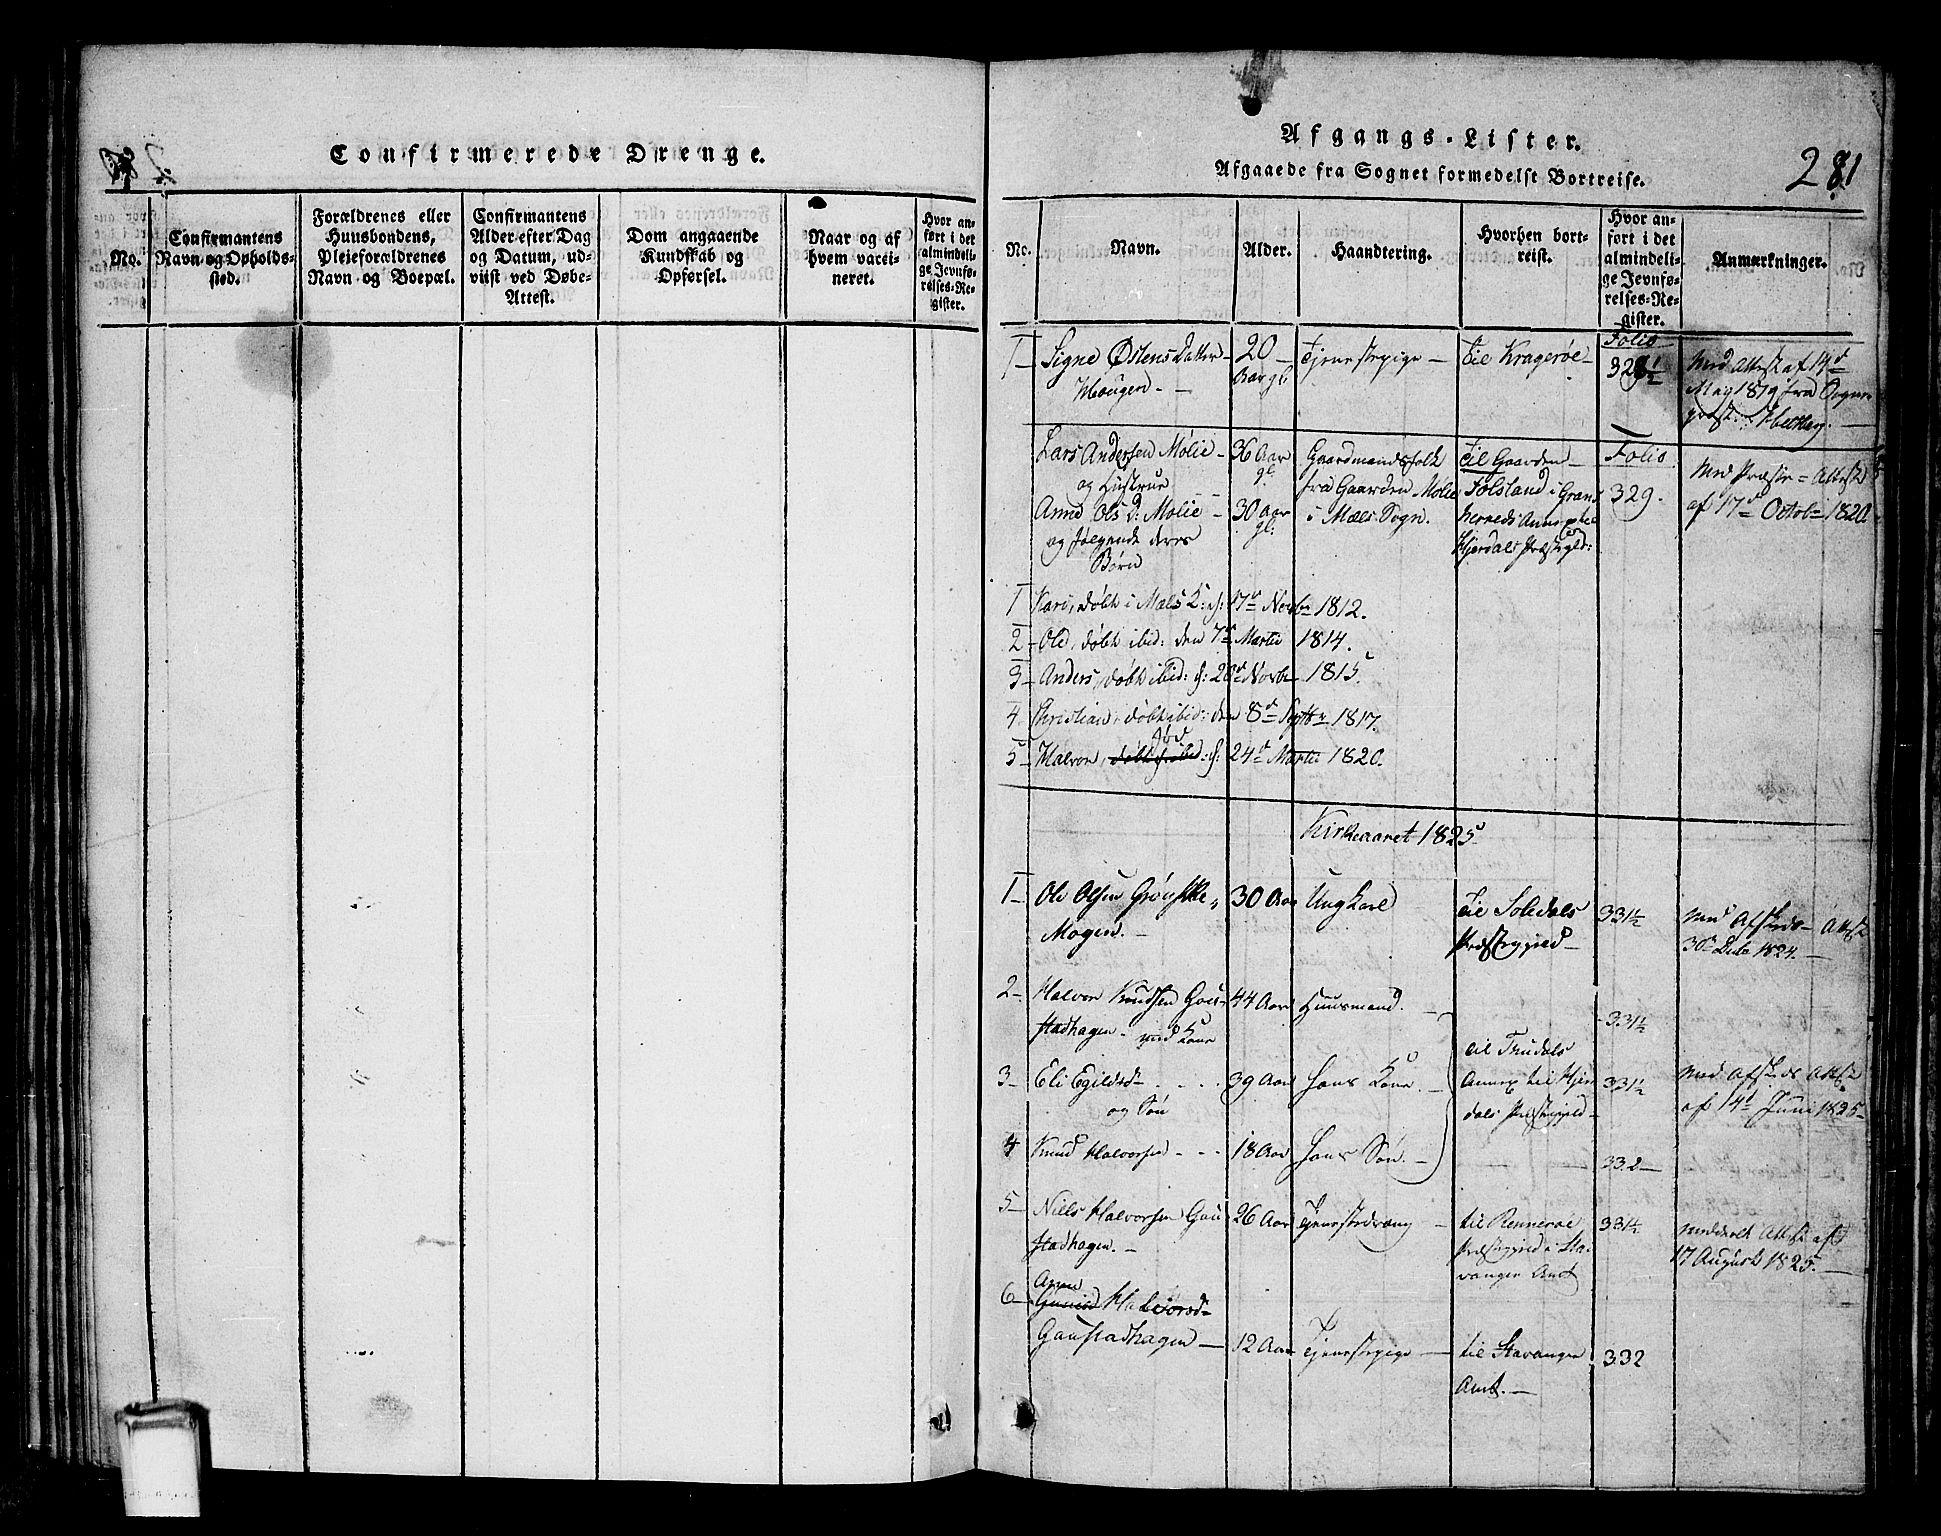 SAKO, Tinn kirkebøker, G/Gb/L0001: Klokkerbok nr. II 1 /1, 1815-1850, s. 281